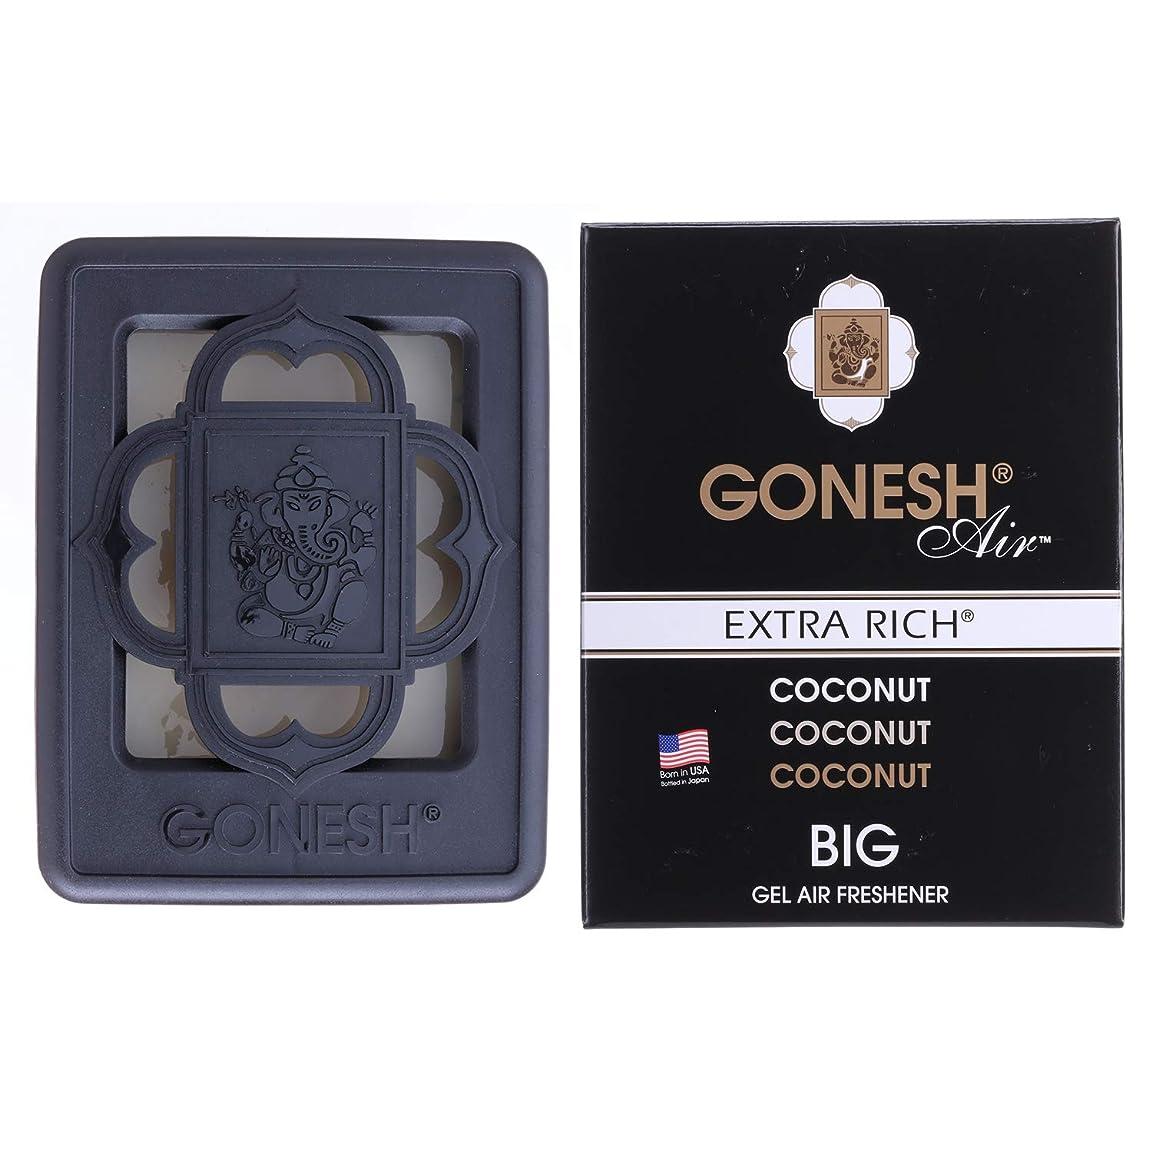 貯水池なる受信機GONESH(ガーネッシュ)ビッグゲルエアフレッシュナー ココナッツ(ココナッツの香り)